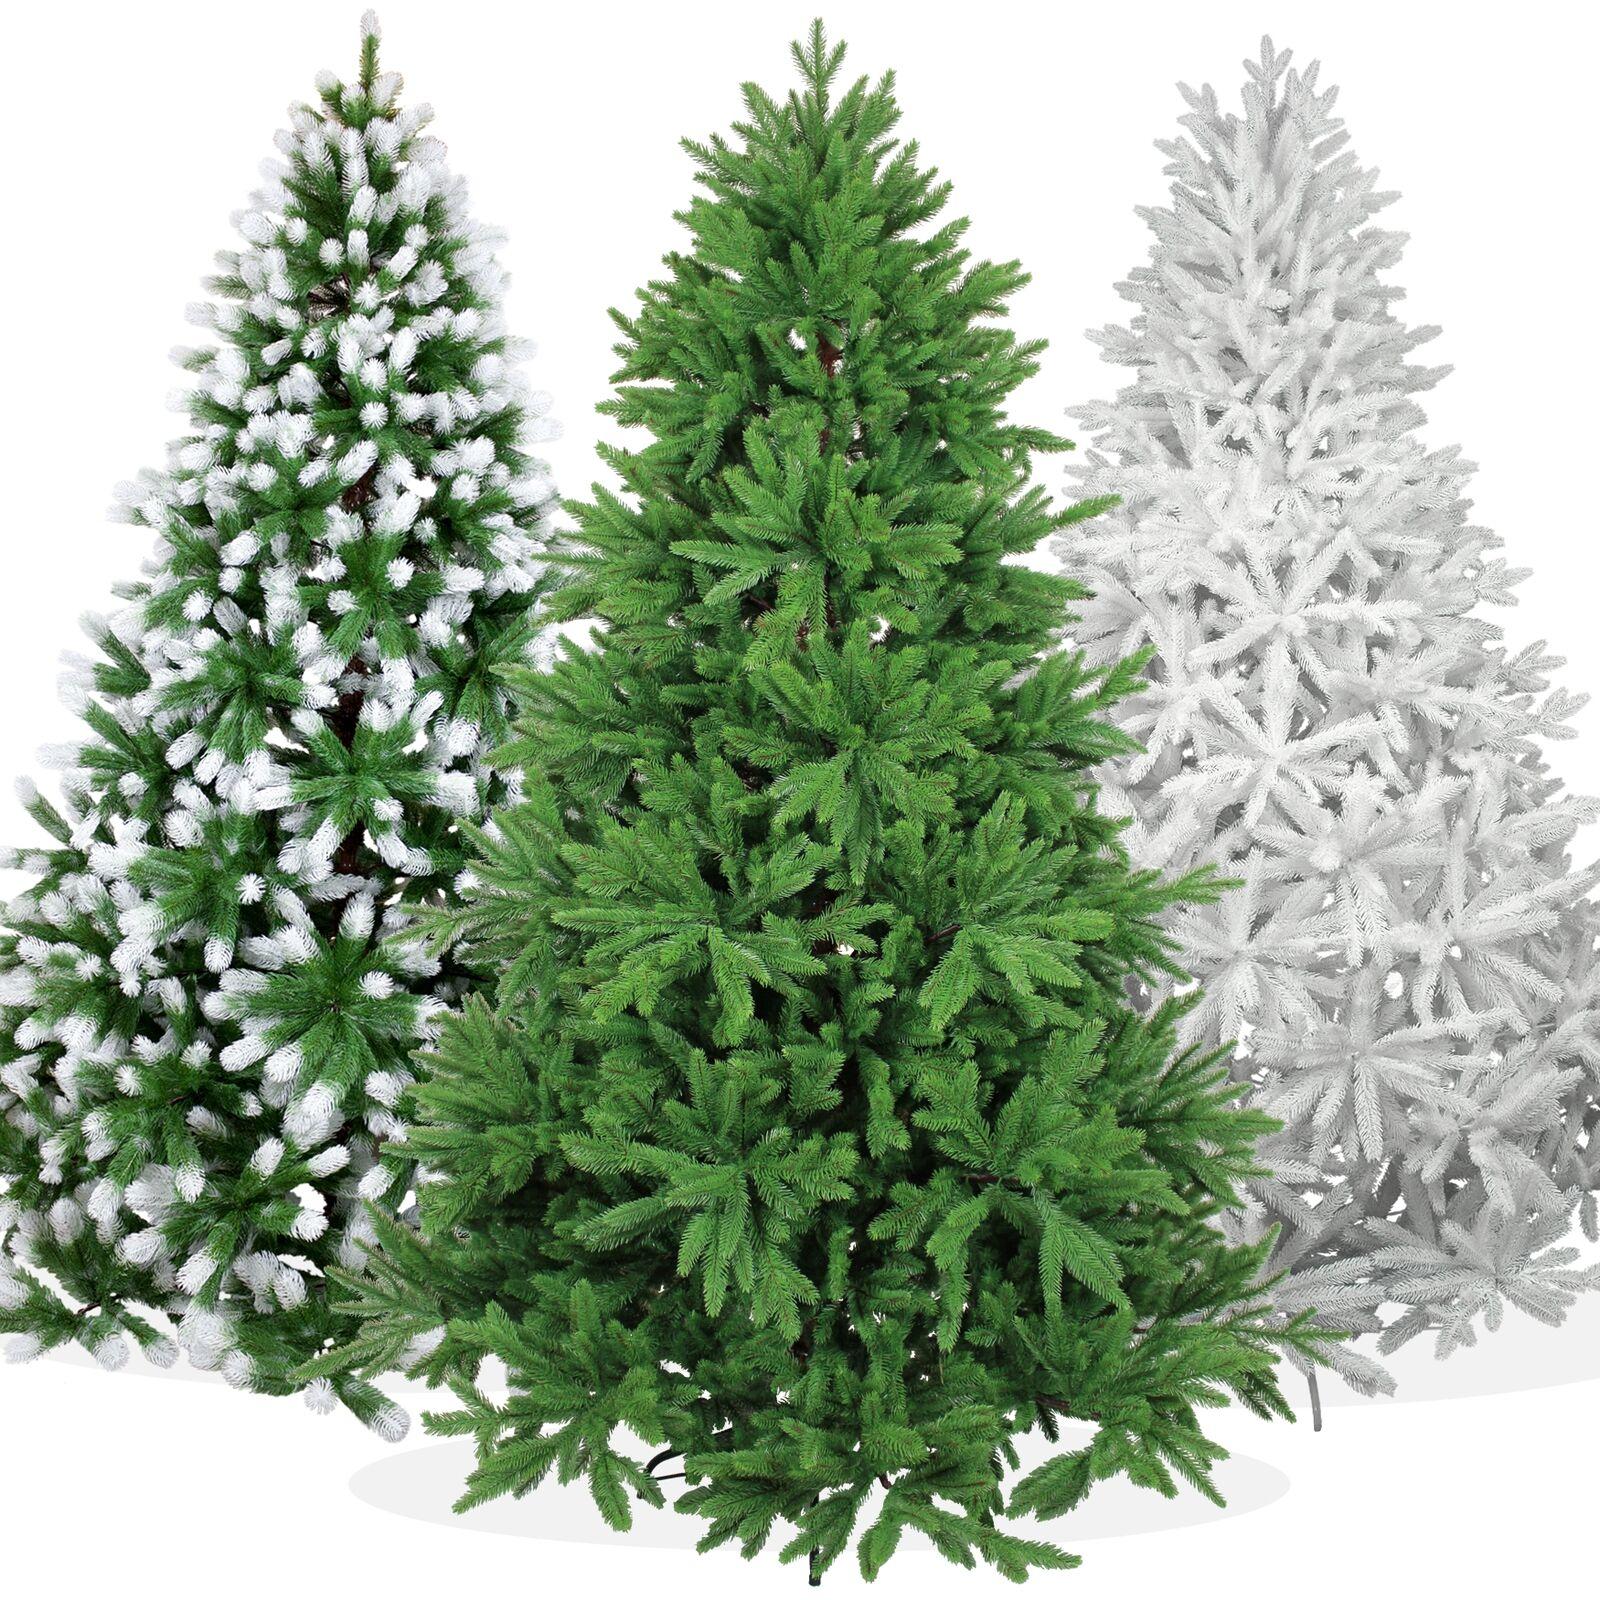 k nstlicher weihnachtsbaum aussuchen vergleichen und geld sparen. Black Bedroom Furniture Sets. Home Design Ideas